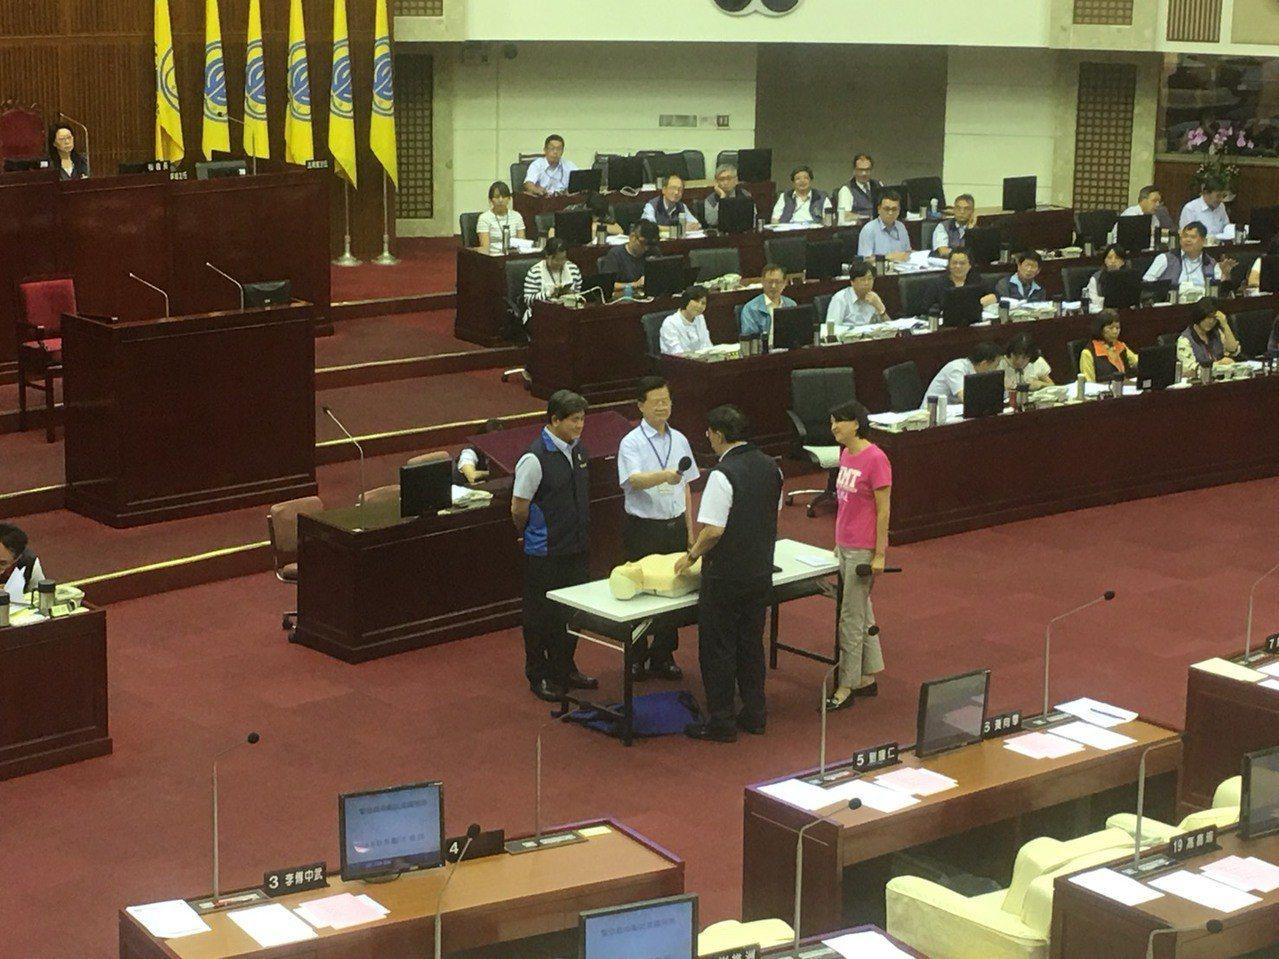 台北市議員王鴻薇(右1)今下午質詢華山大草原分屍案後續檢討,同時還要求官員操作急...